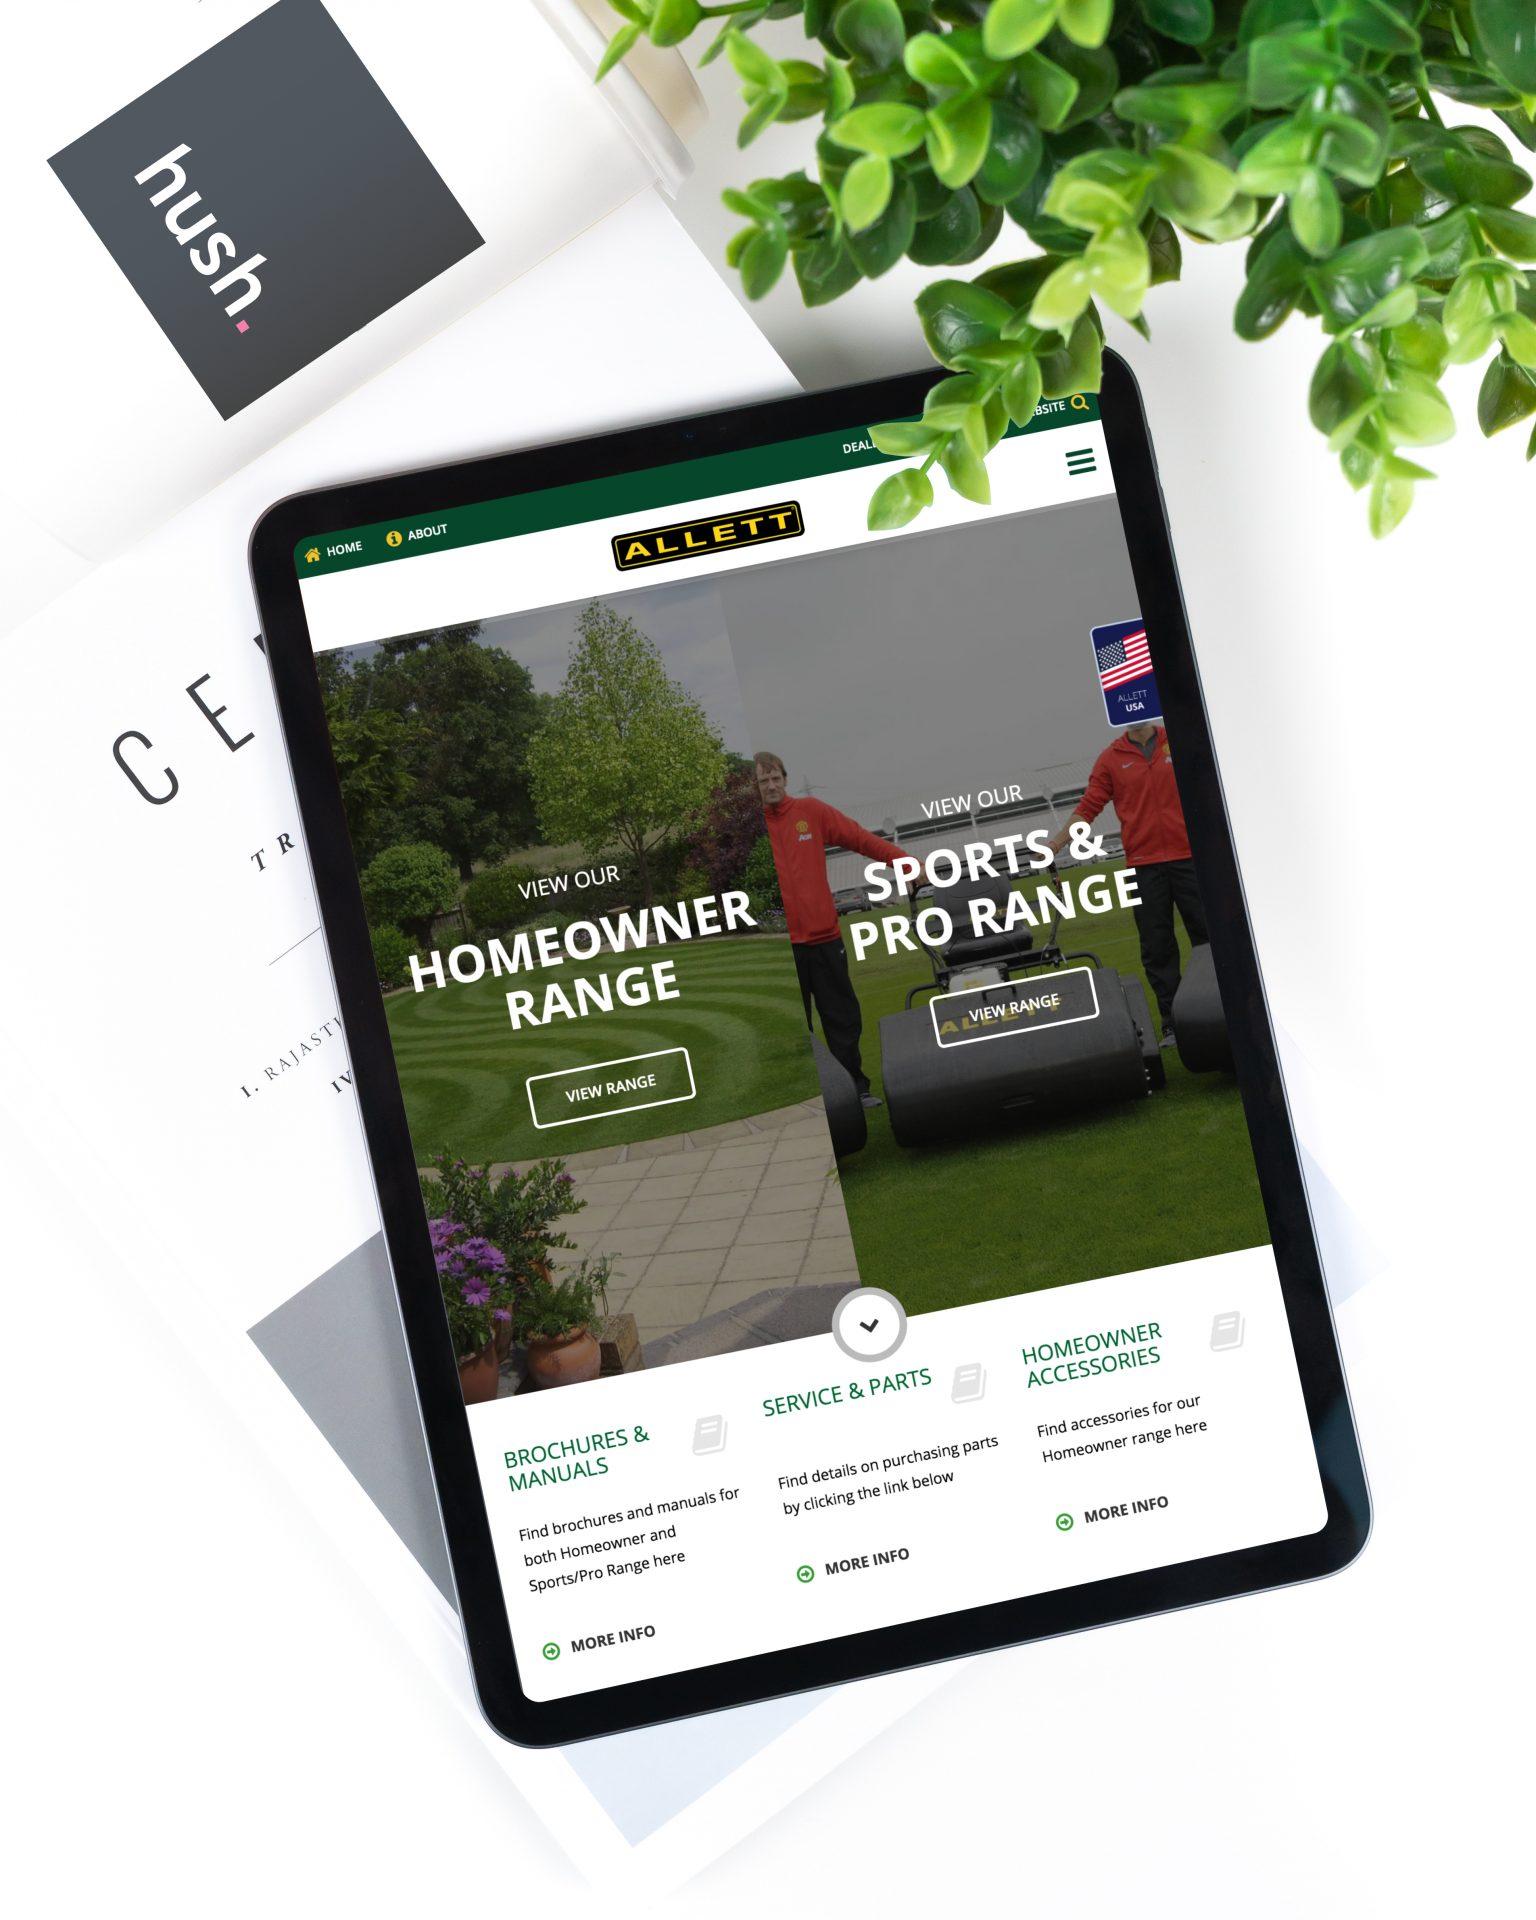 Allett Mowers | Tablet Shot | eCommerce Website